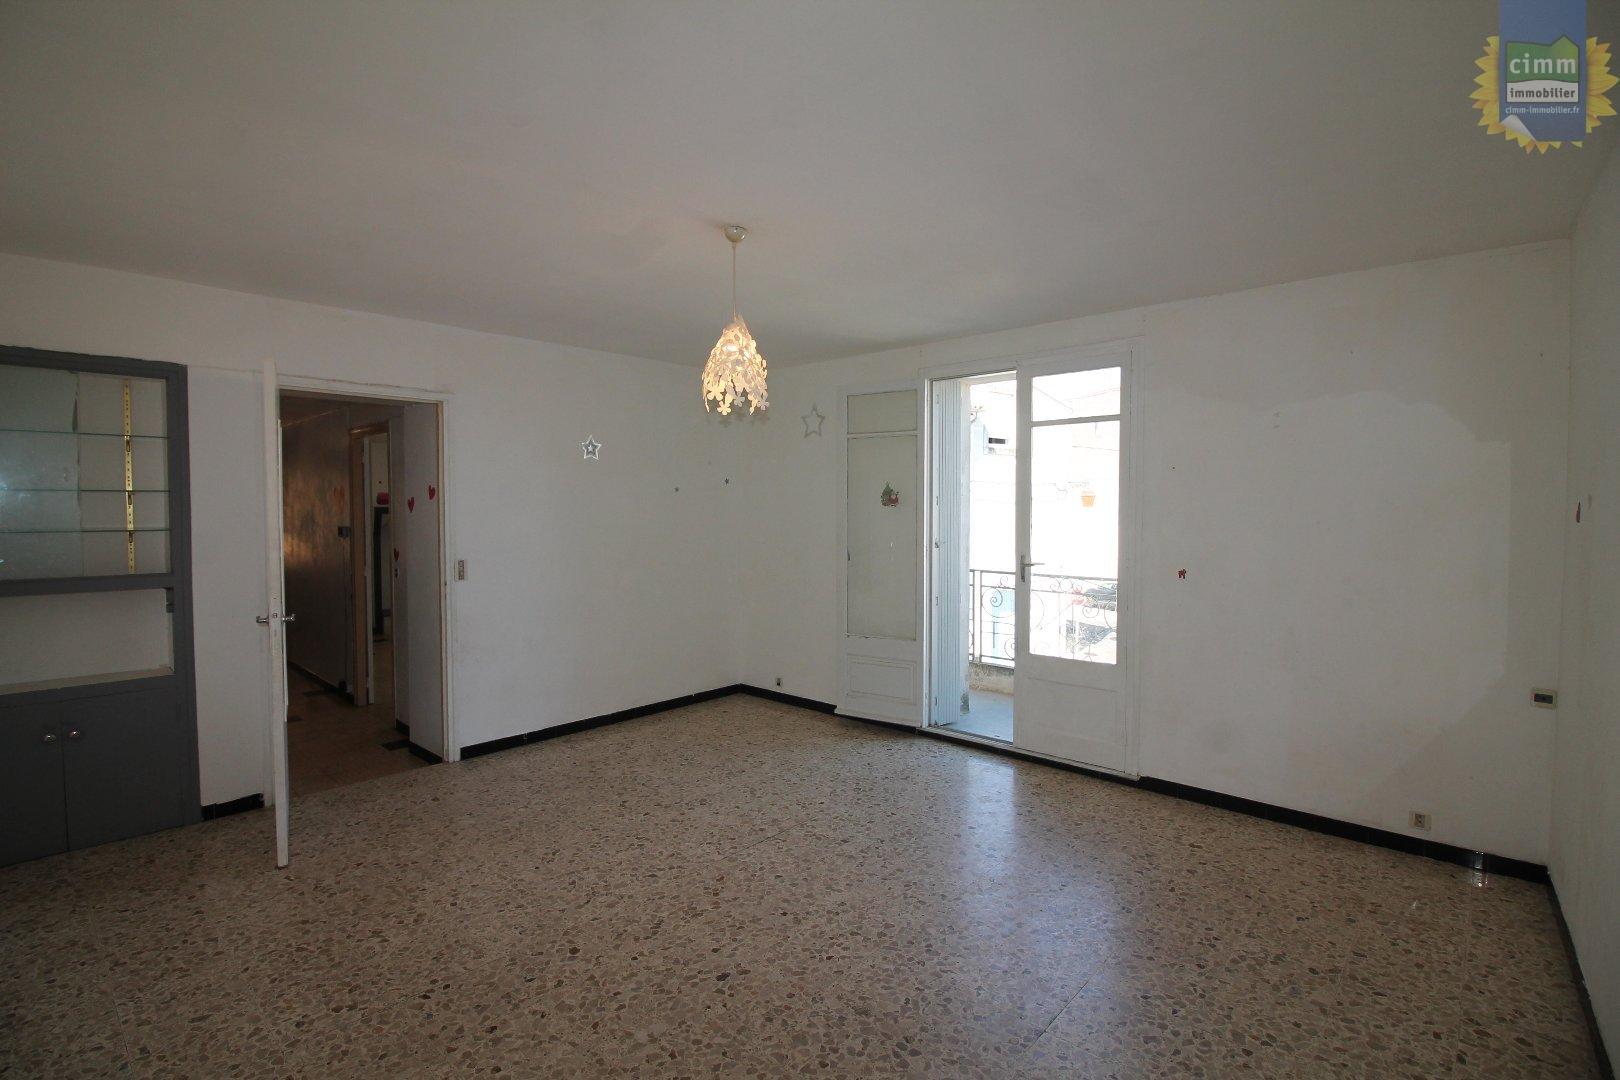 IMMOPLAGE VALRAS-PLAGE, agence immobilière, vente, location et location vacances appartement et maison entre Agde/Sete et Narbonne, proche Béziers - Maison de village - BOUJAN SUR LIBRON - Vente - 150m²